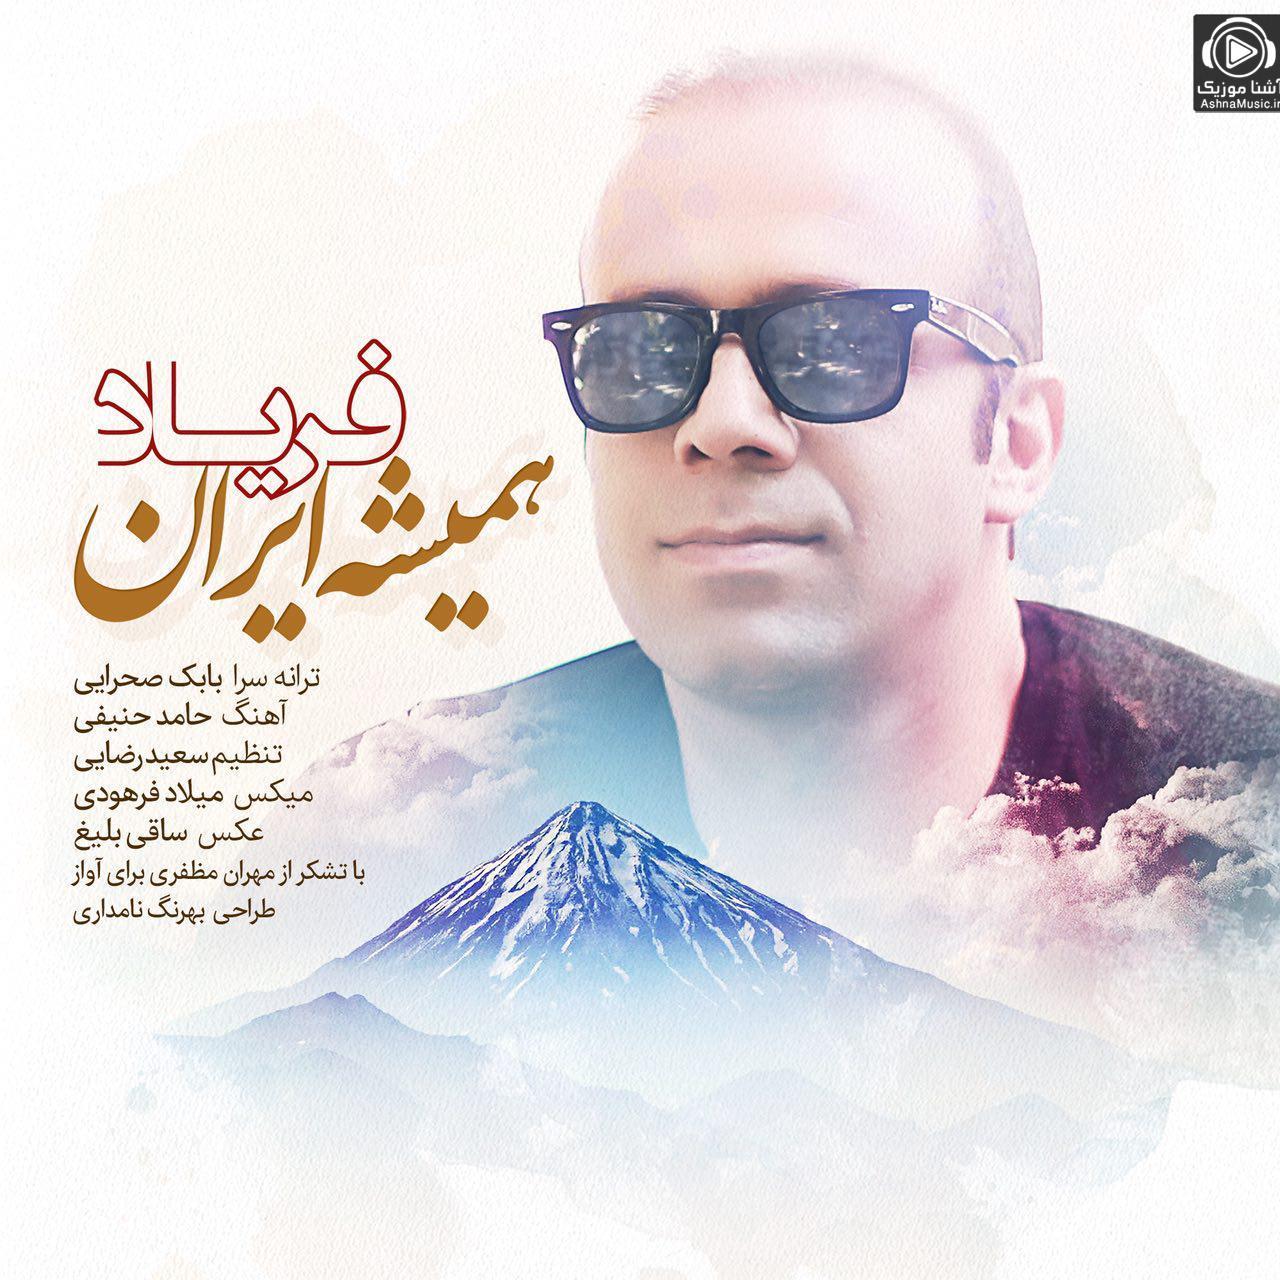 آهنگ فریاد همیشه ایران